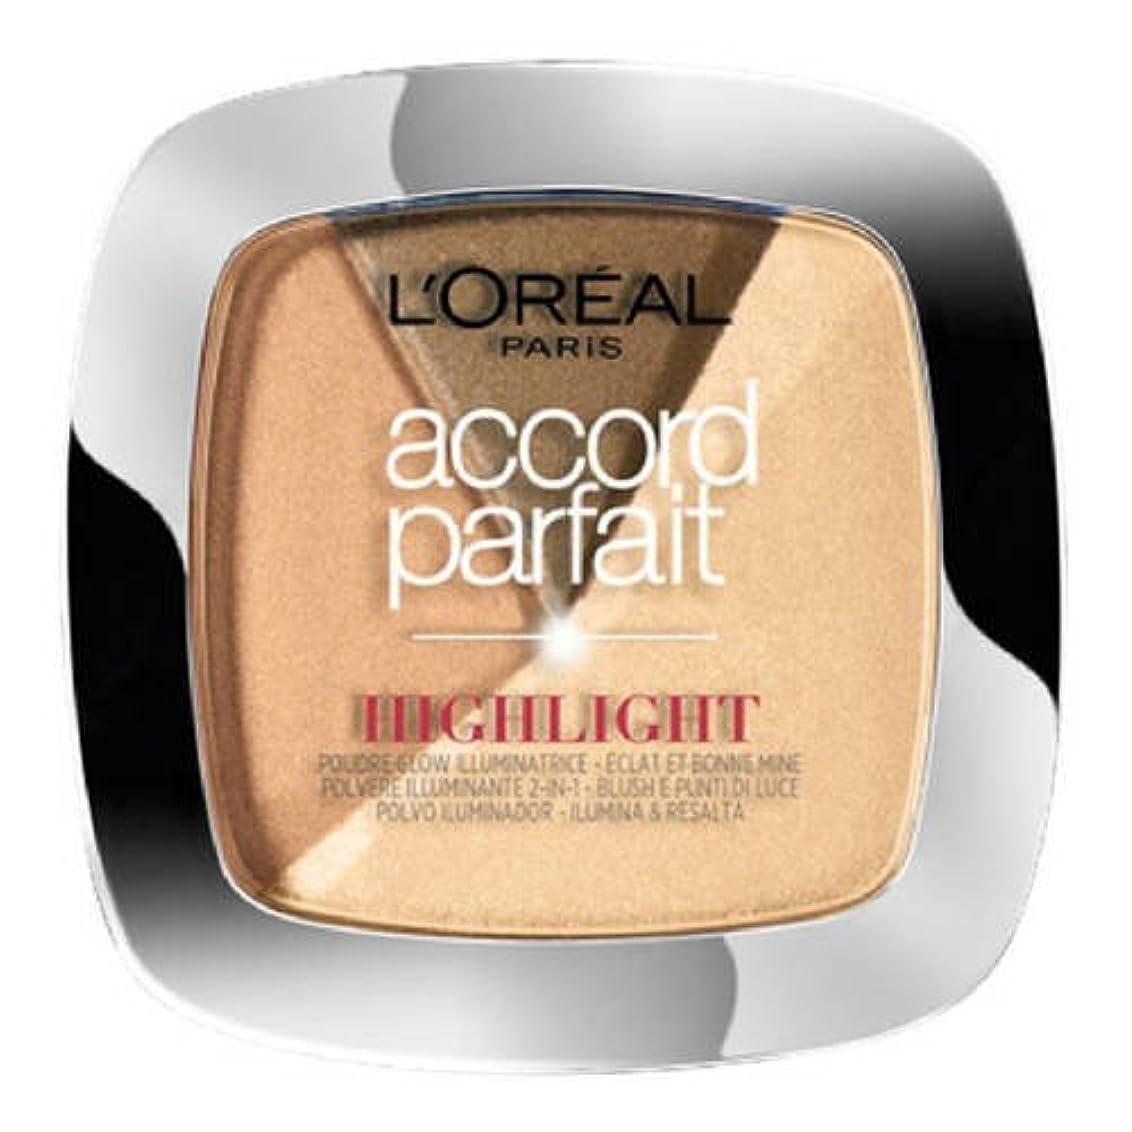 梨おなじみのなだめるL 'Oréal Paris - ACCORD PARFAIT Highlight Enlumineur Poudre - 102 Dore